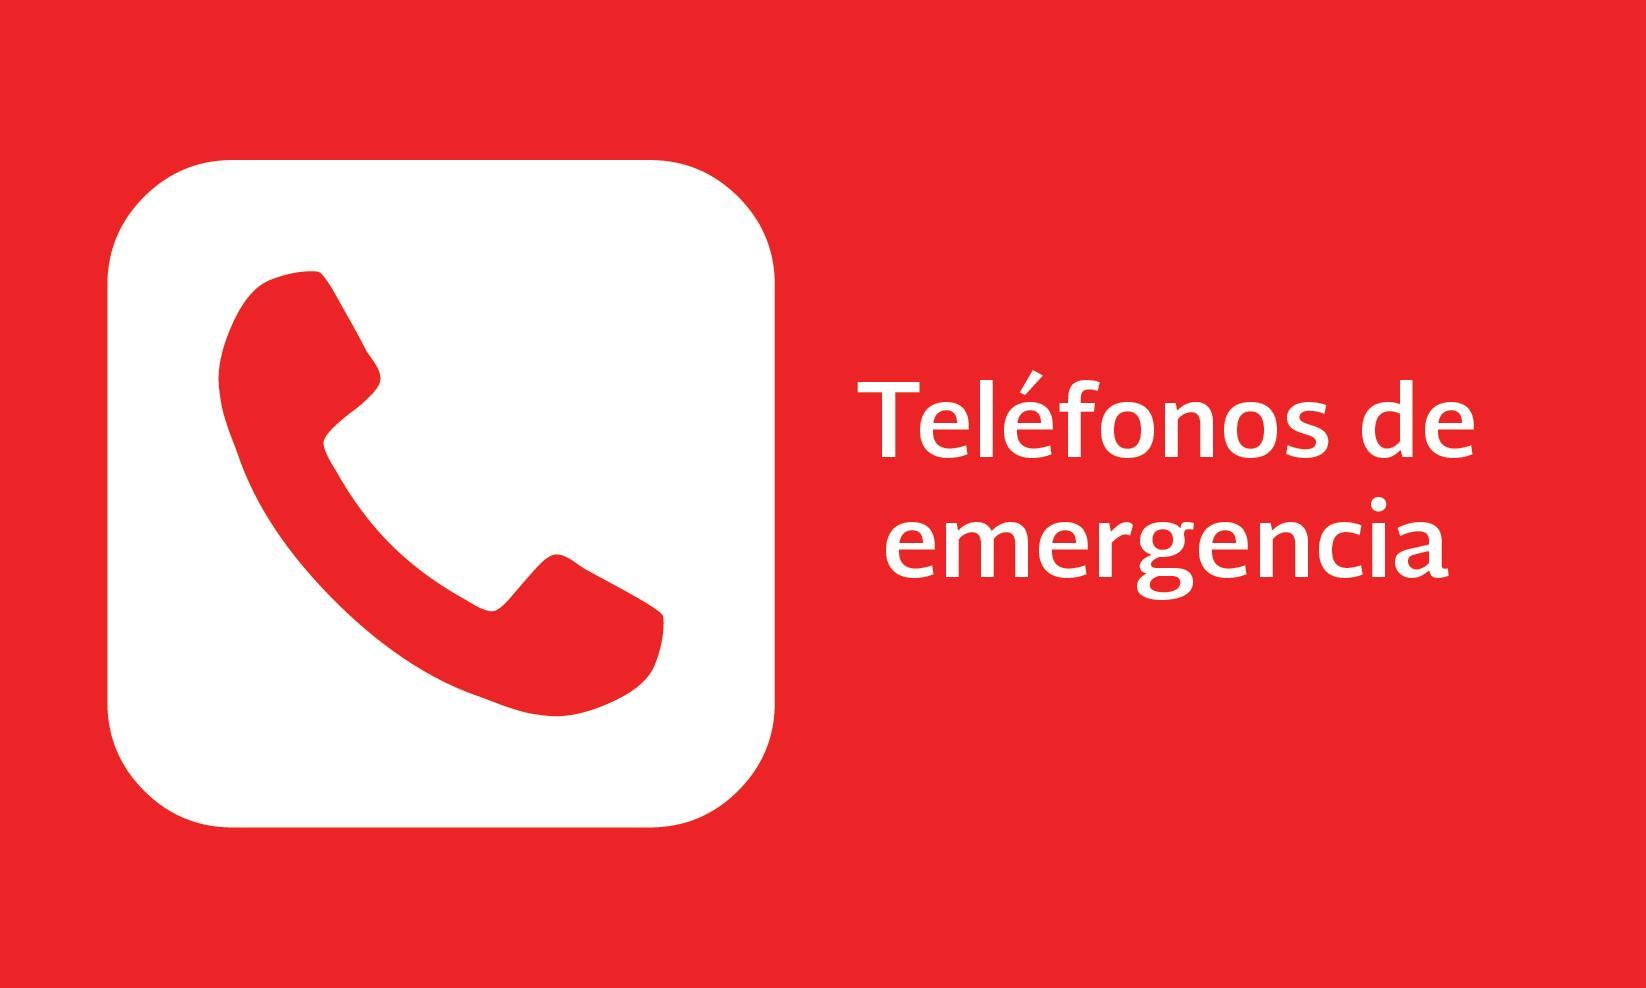 Teléfonos de emergencia de la Red Consular de México en el Exterior